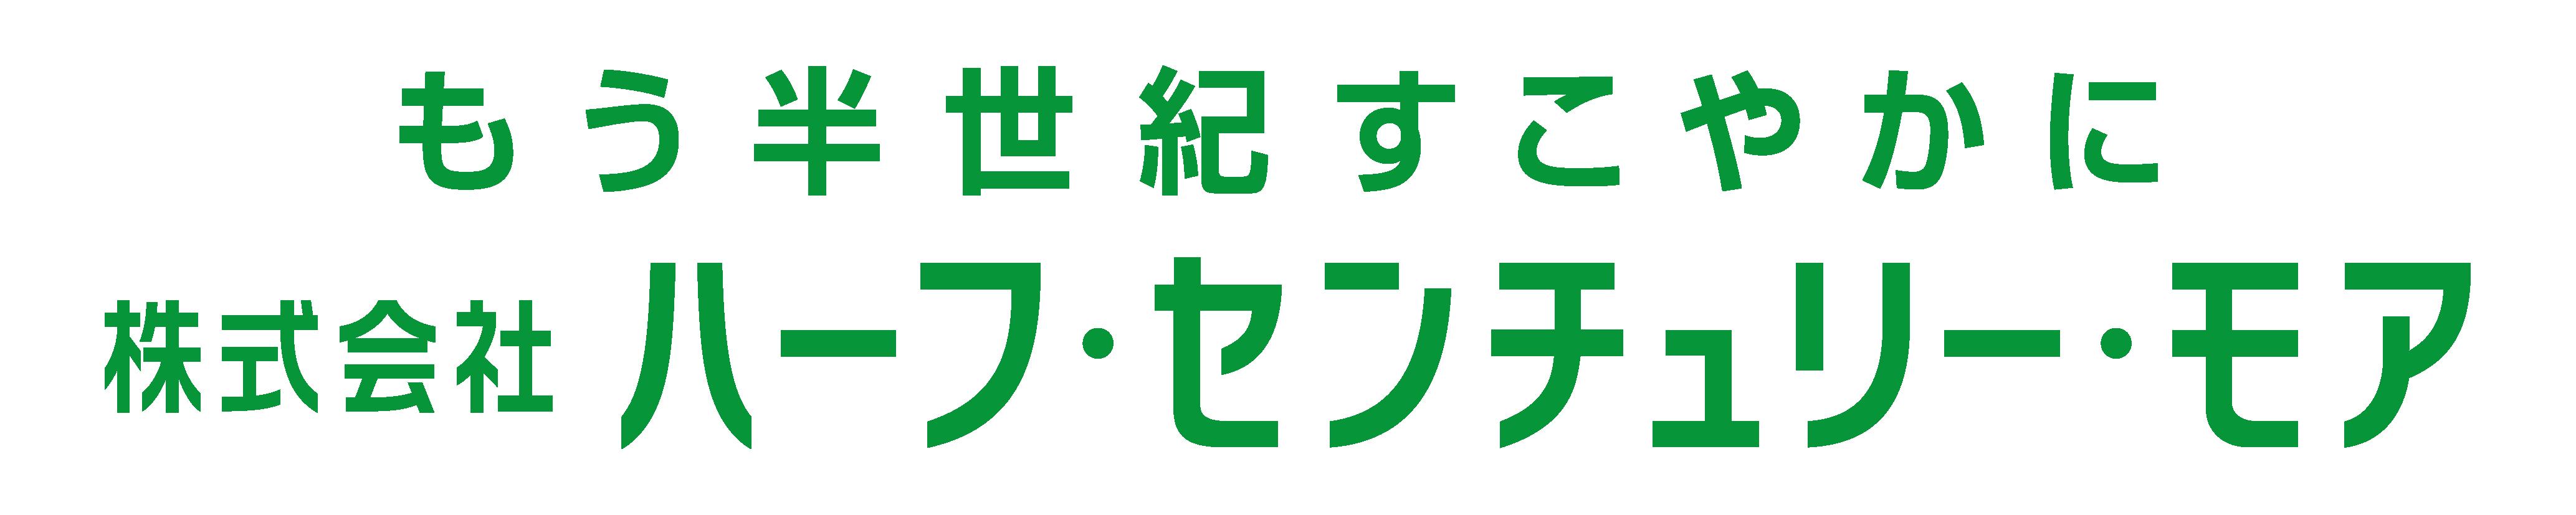 Logo 4cdslptlqetnkngr